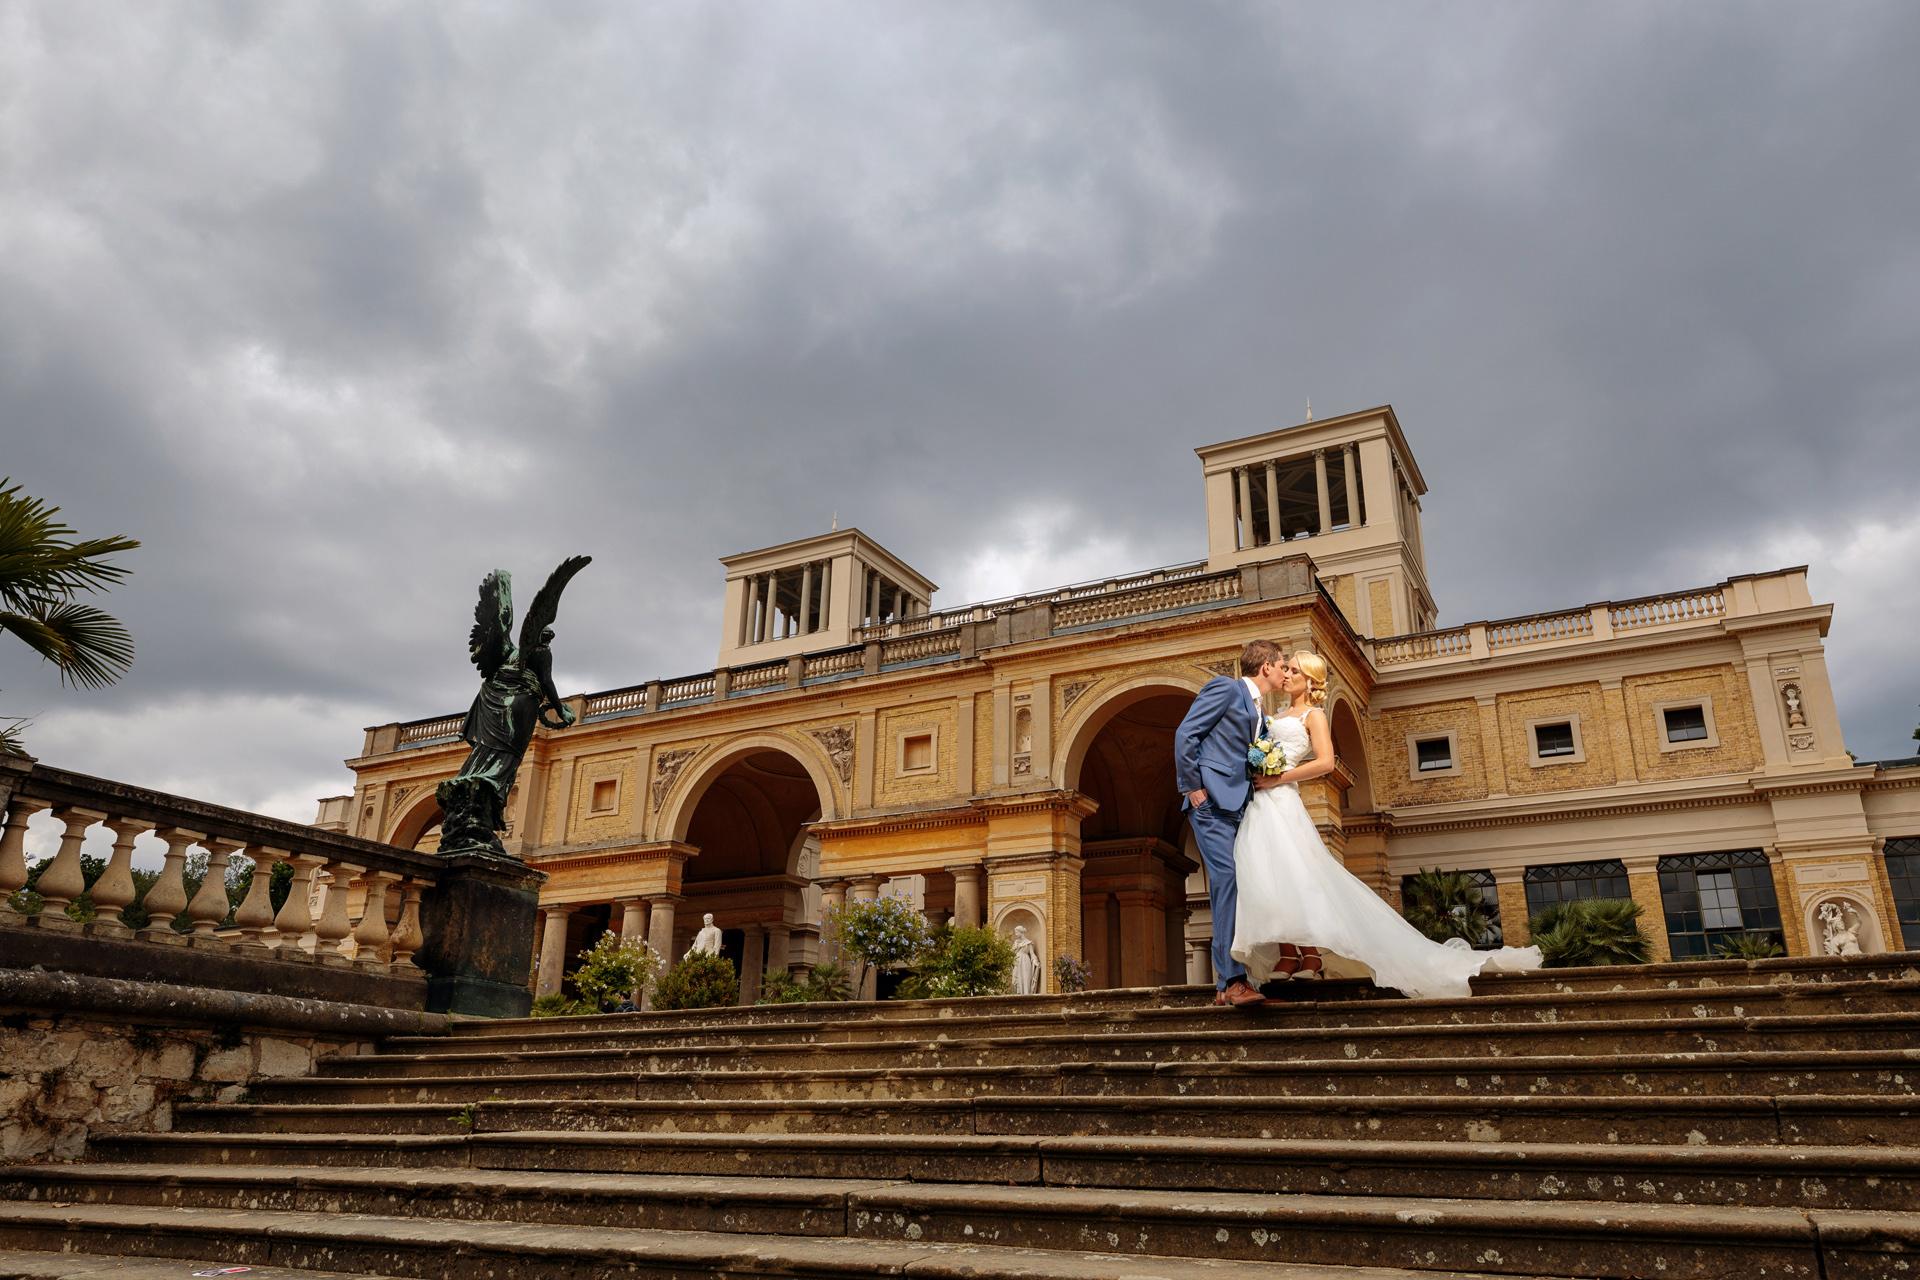 Hochzeitsfotograf fotografiert Brautpaar vor Orangerie am Tag der Hochzeit in Potsdam